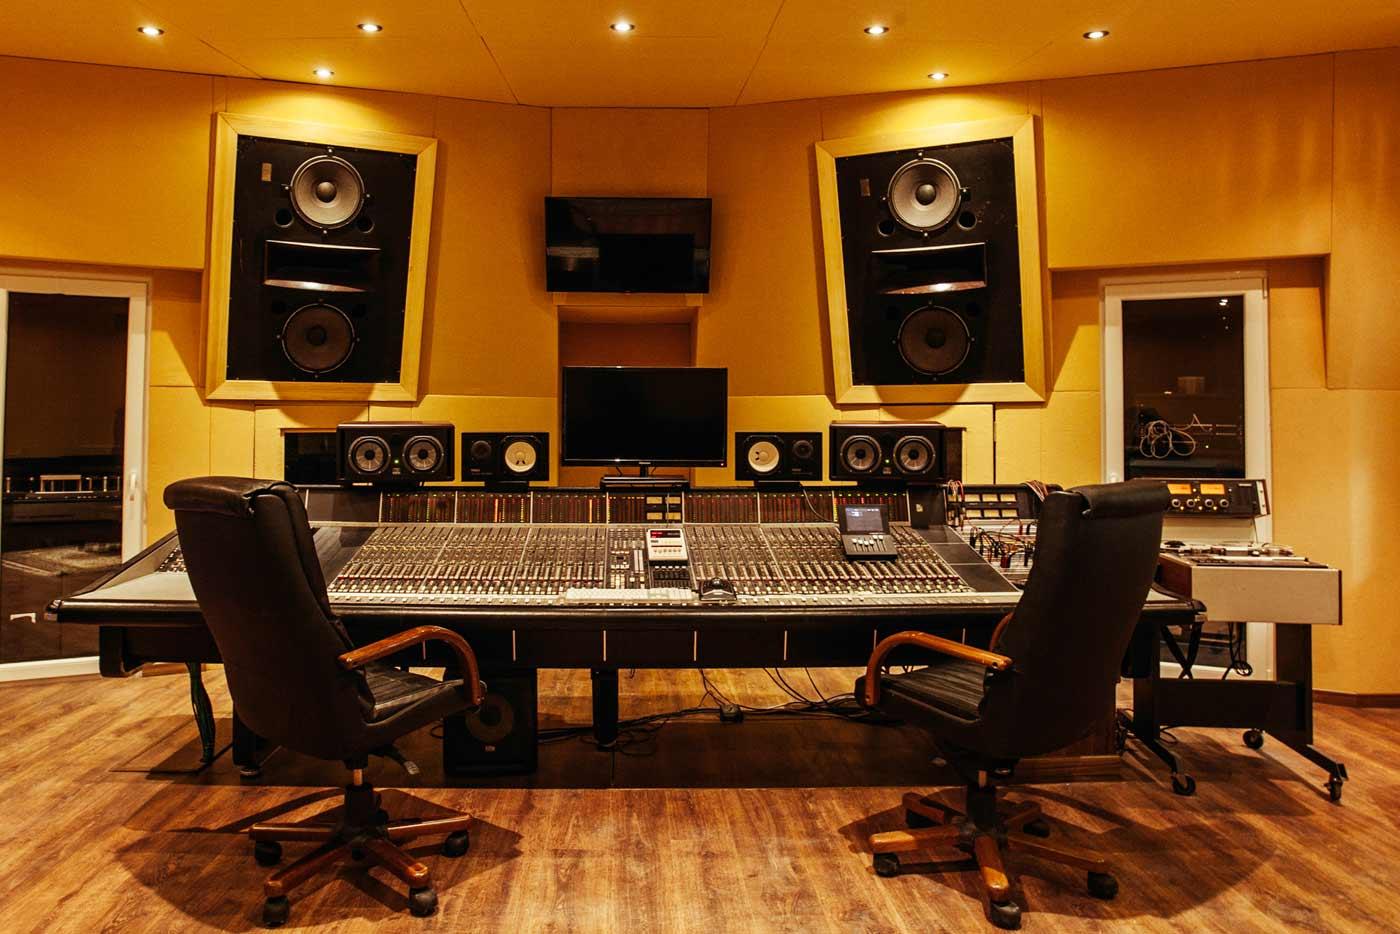 Estudios de grabación: donde se cocina la música (2)